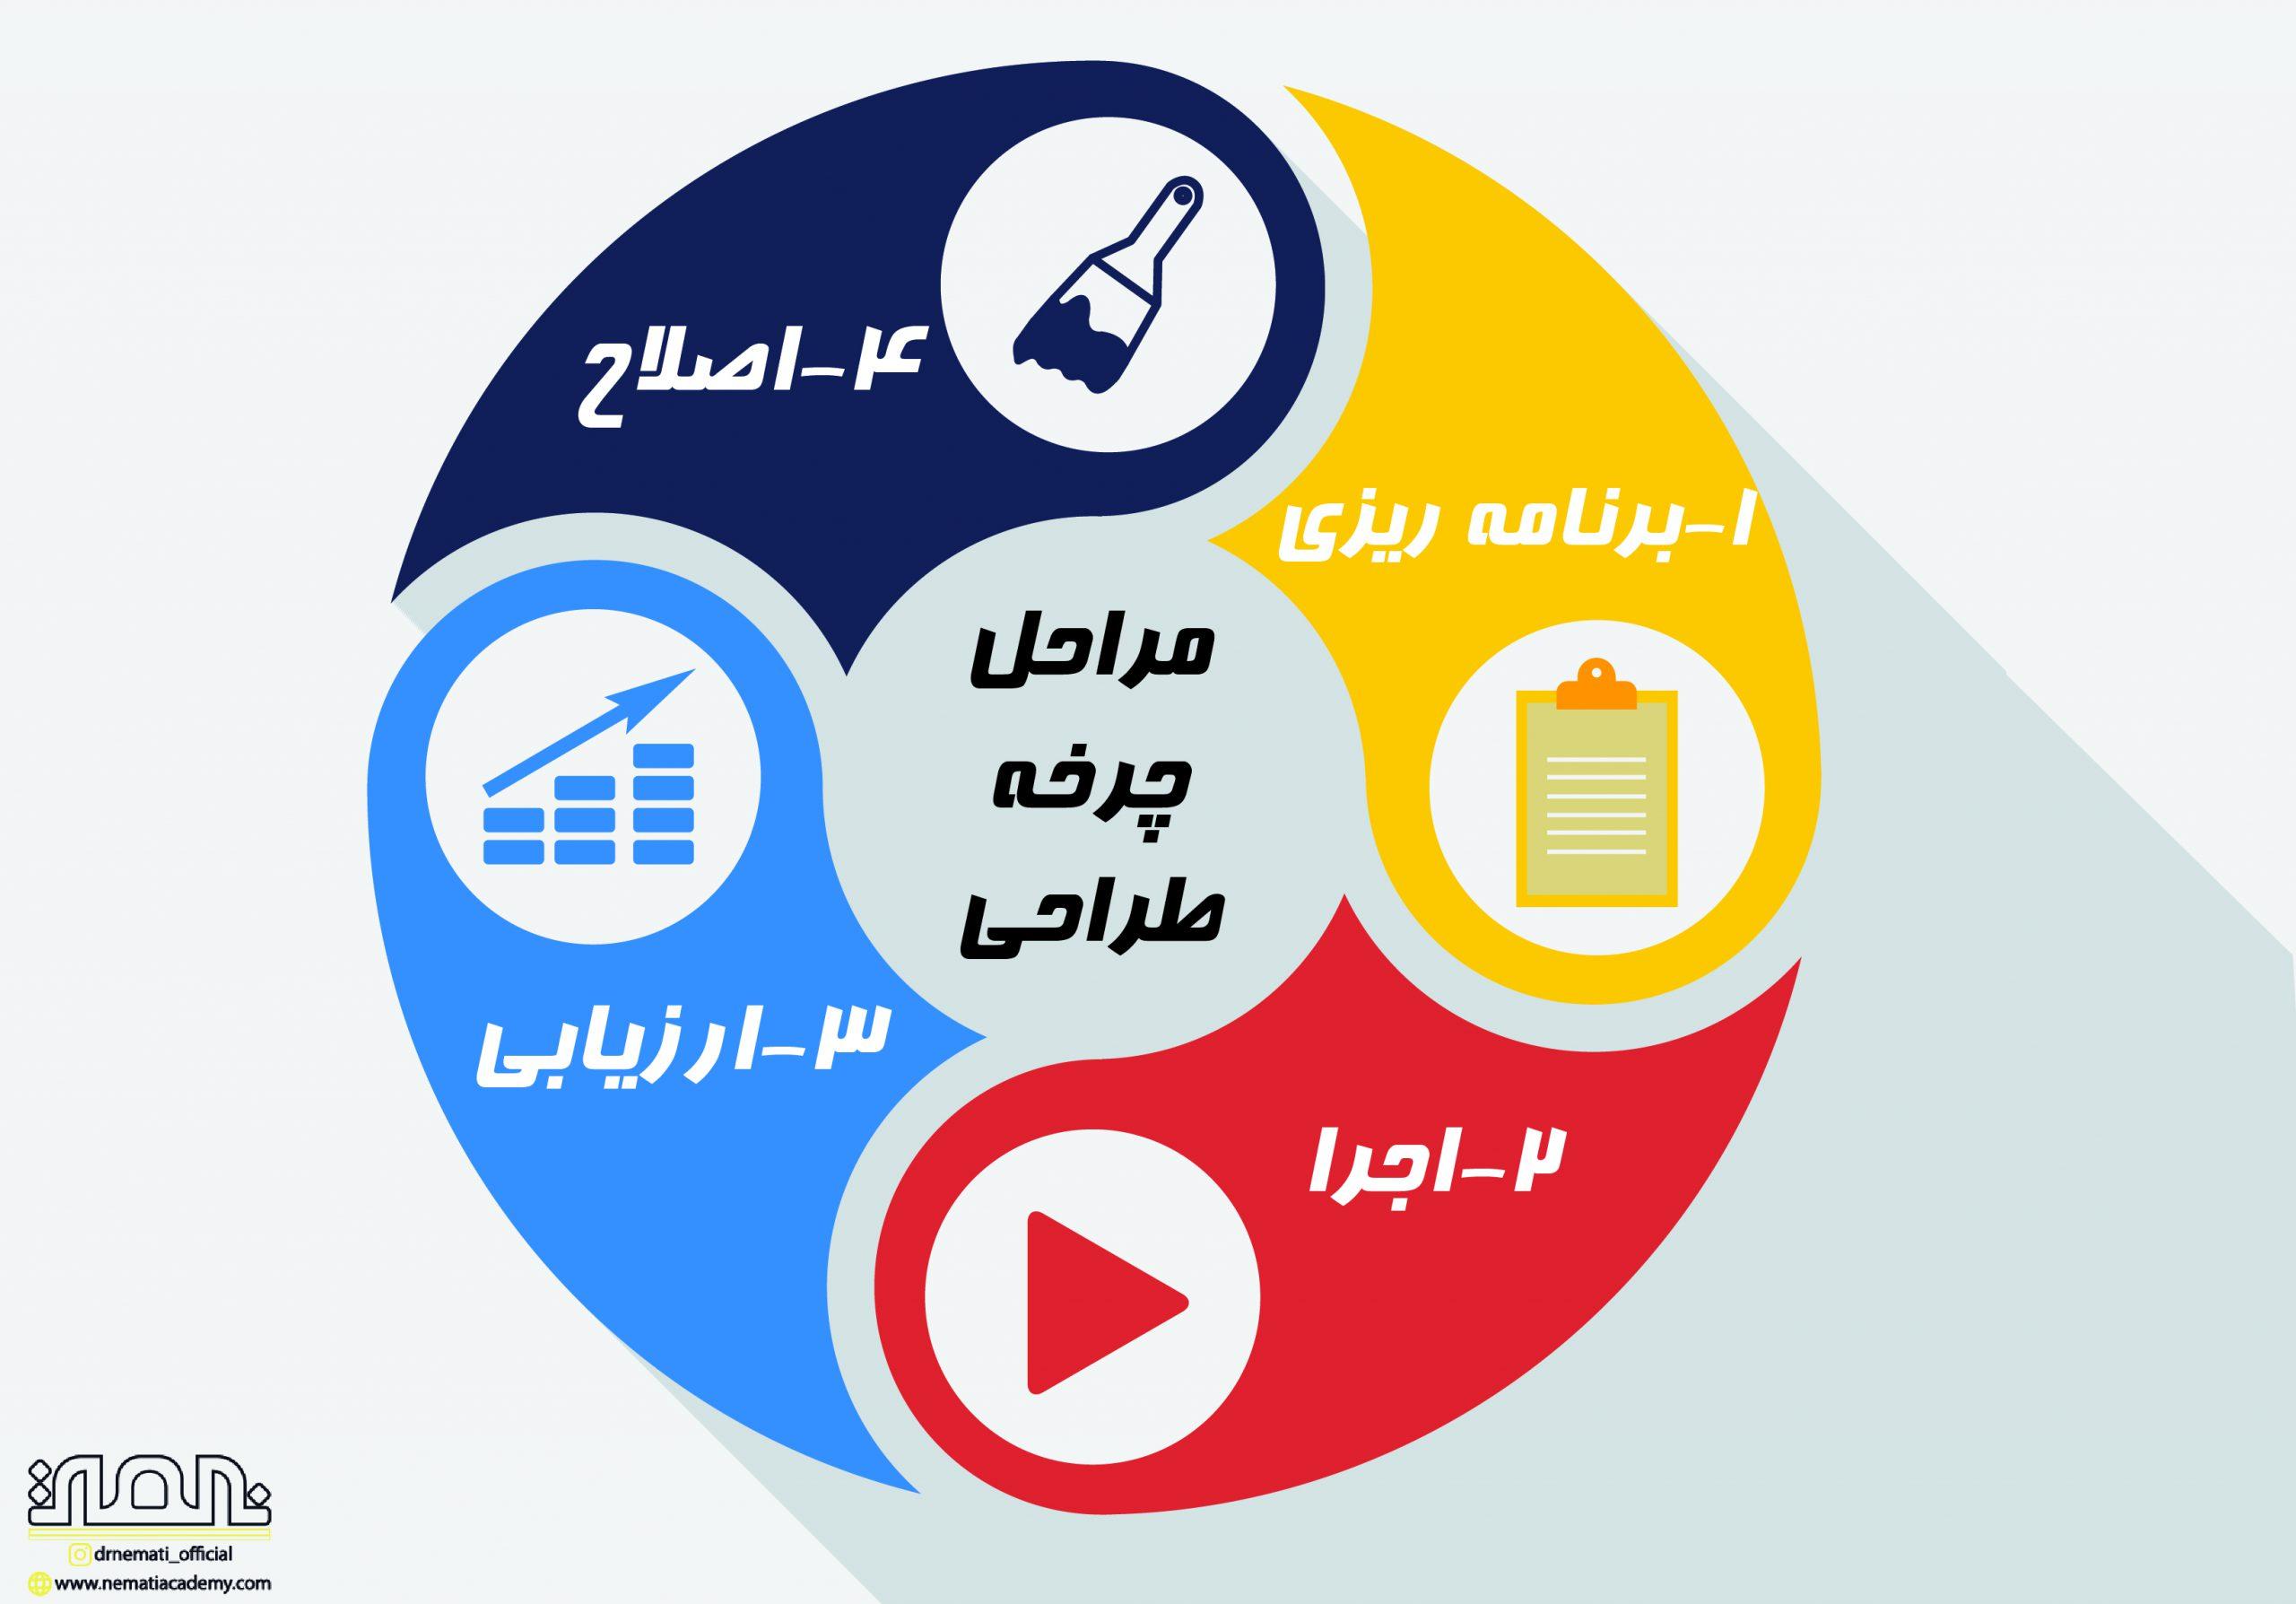 مراحل طراحی کمپین تبلیغاتی